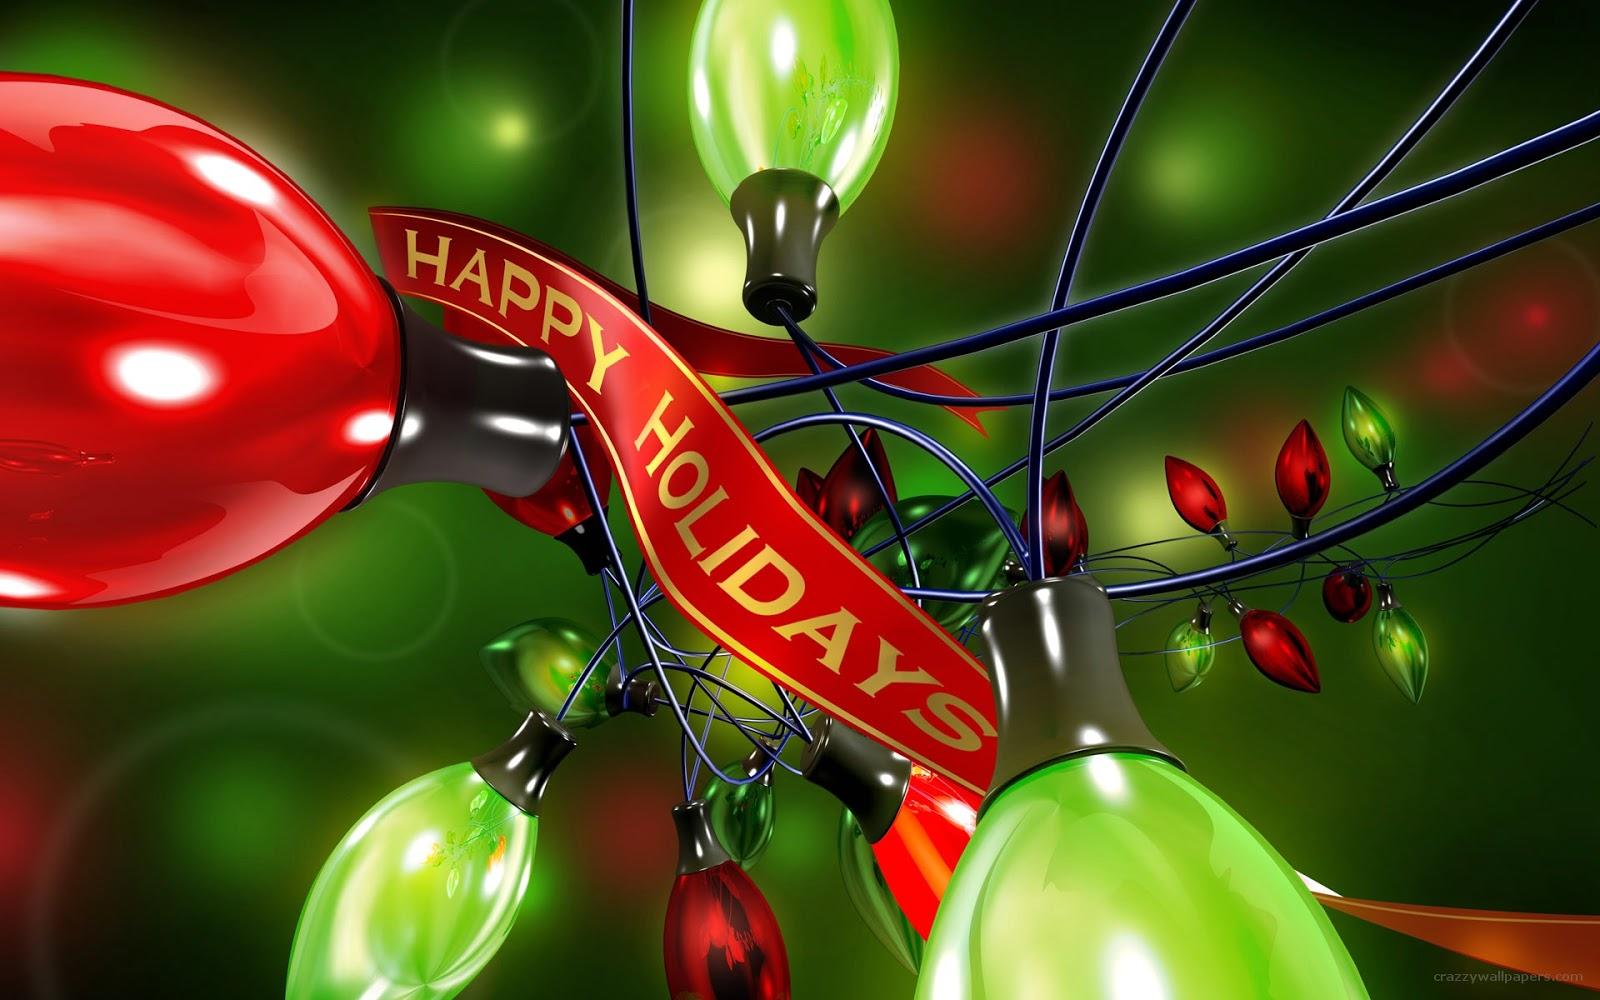 http://2.bp.blogspot.com/--Qh_WOp1SP0/ULODFqELSyI/AAAAAAAADHw/lxZkeCw98k0/s1600/christmas-wallpaper-6.jpg